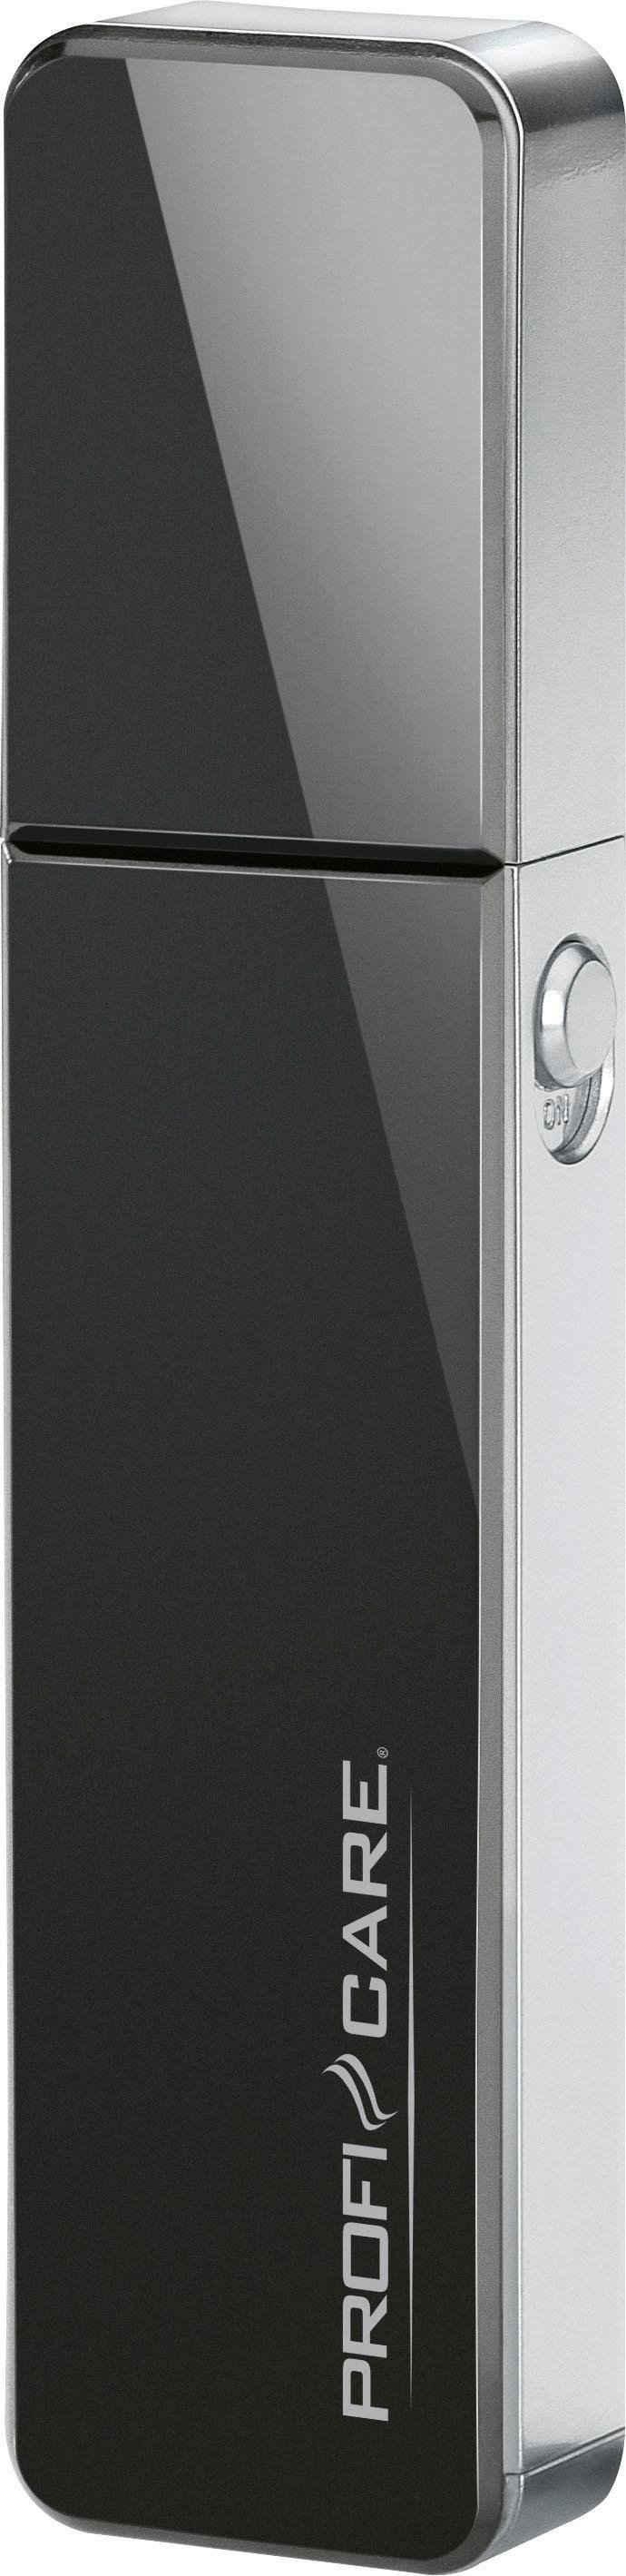 ProfiCare Nasen- und Ohrhaartrimmer PC-NE 3050, Sichere und einfache Entfernung von Nasen- und Ohrhaaren